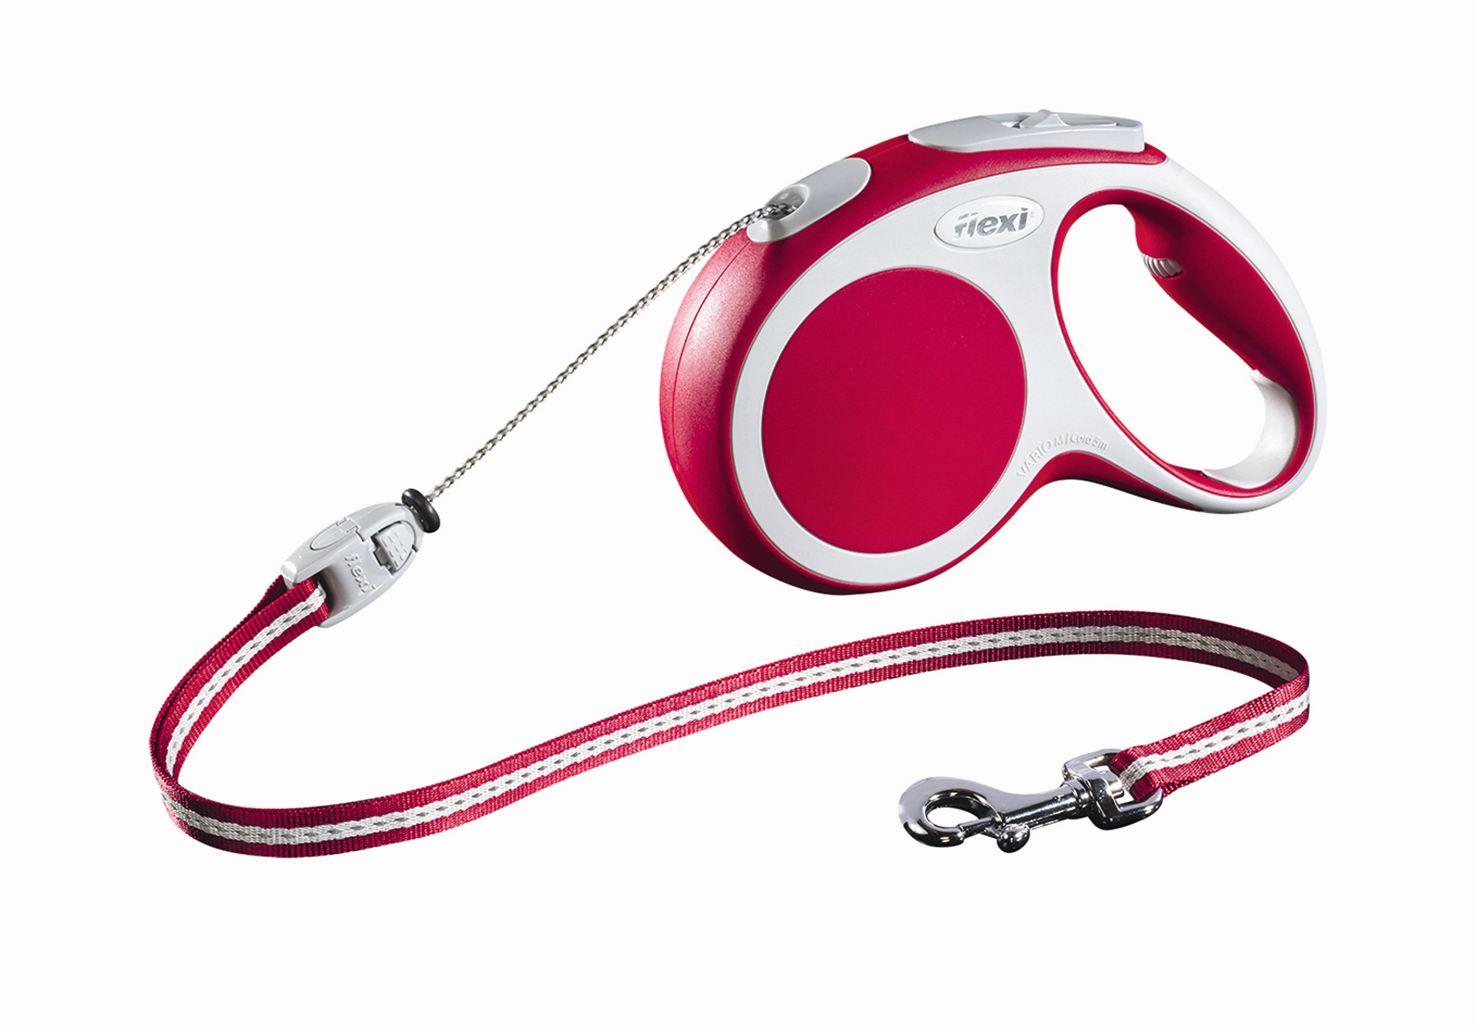 Поводок-рулетка Flexi Vario Basic М для собак до 20 кг, цвет: красный, 5 м0120710Поводок-рулетка Flexi Vario Basic М изготовлен из пластика и нейлона. Тросовый поводок обеспечивает каждой собаке свободу движения, что идет на пользу здоровью и радует вашего четвероногого друга. Рулетка очень проста в использовании, оснащена кнопками кратковременной и постоянной фиксации. Ее можно оснастить - мультибоксом для лакомств или пакетиков для сбора фекалий, LED подсветкой корпуса, своркой или ремнем с LED подсветкой. Поводок имеет прочный корпус, хромированную застежку и светоотражающие элементы.Длина поводка: 5 м. Максимальная нагрузка: 20 кг.Товар сертифицирован.